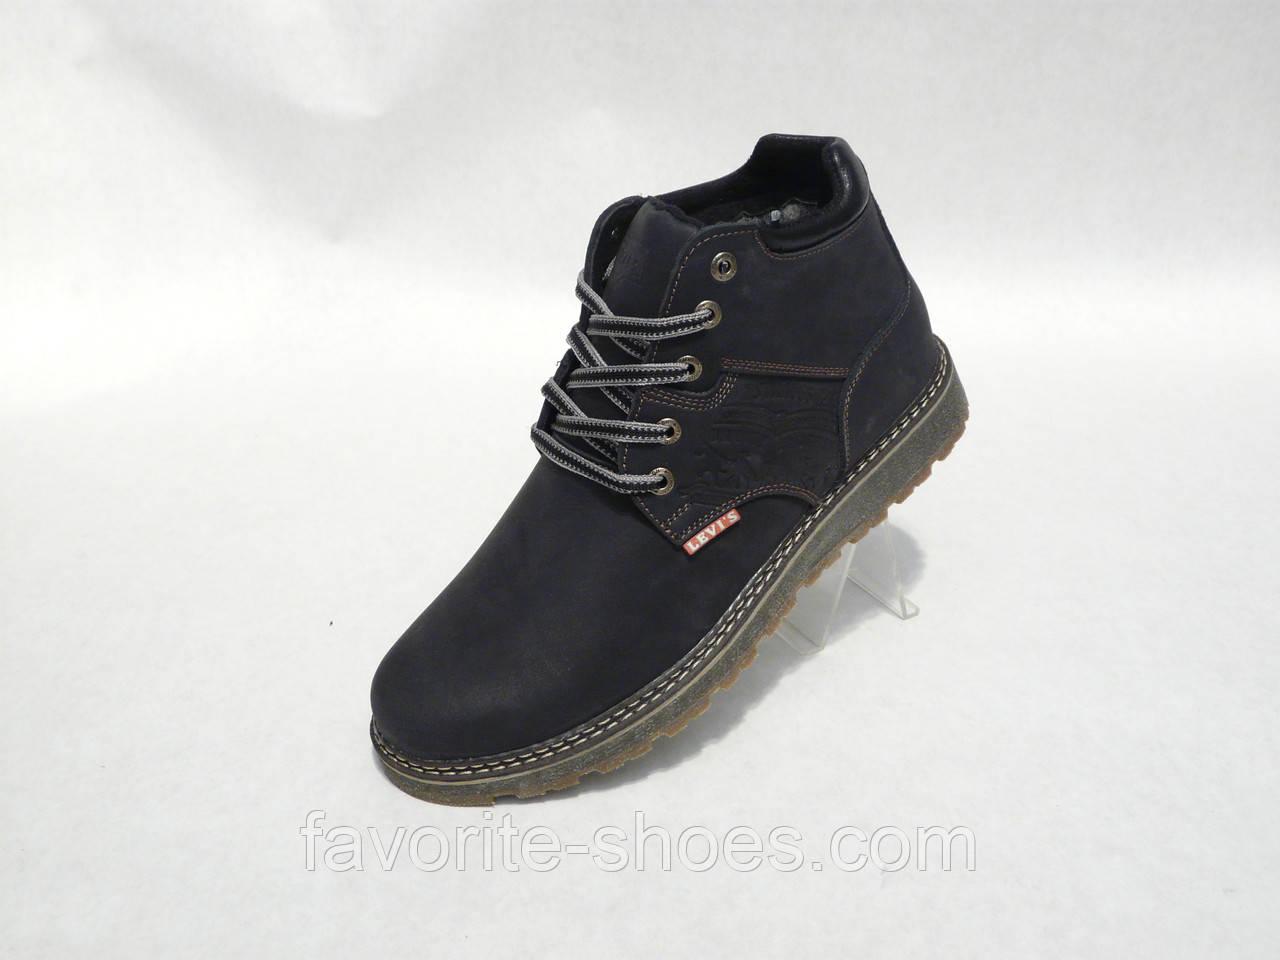 Зимние мужские кожаные ботинки Levis нубук - Интернет - магазин